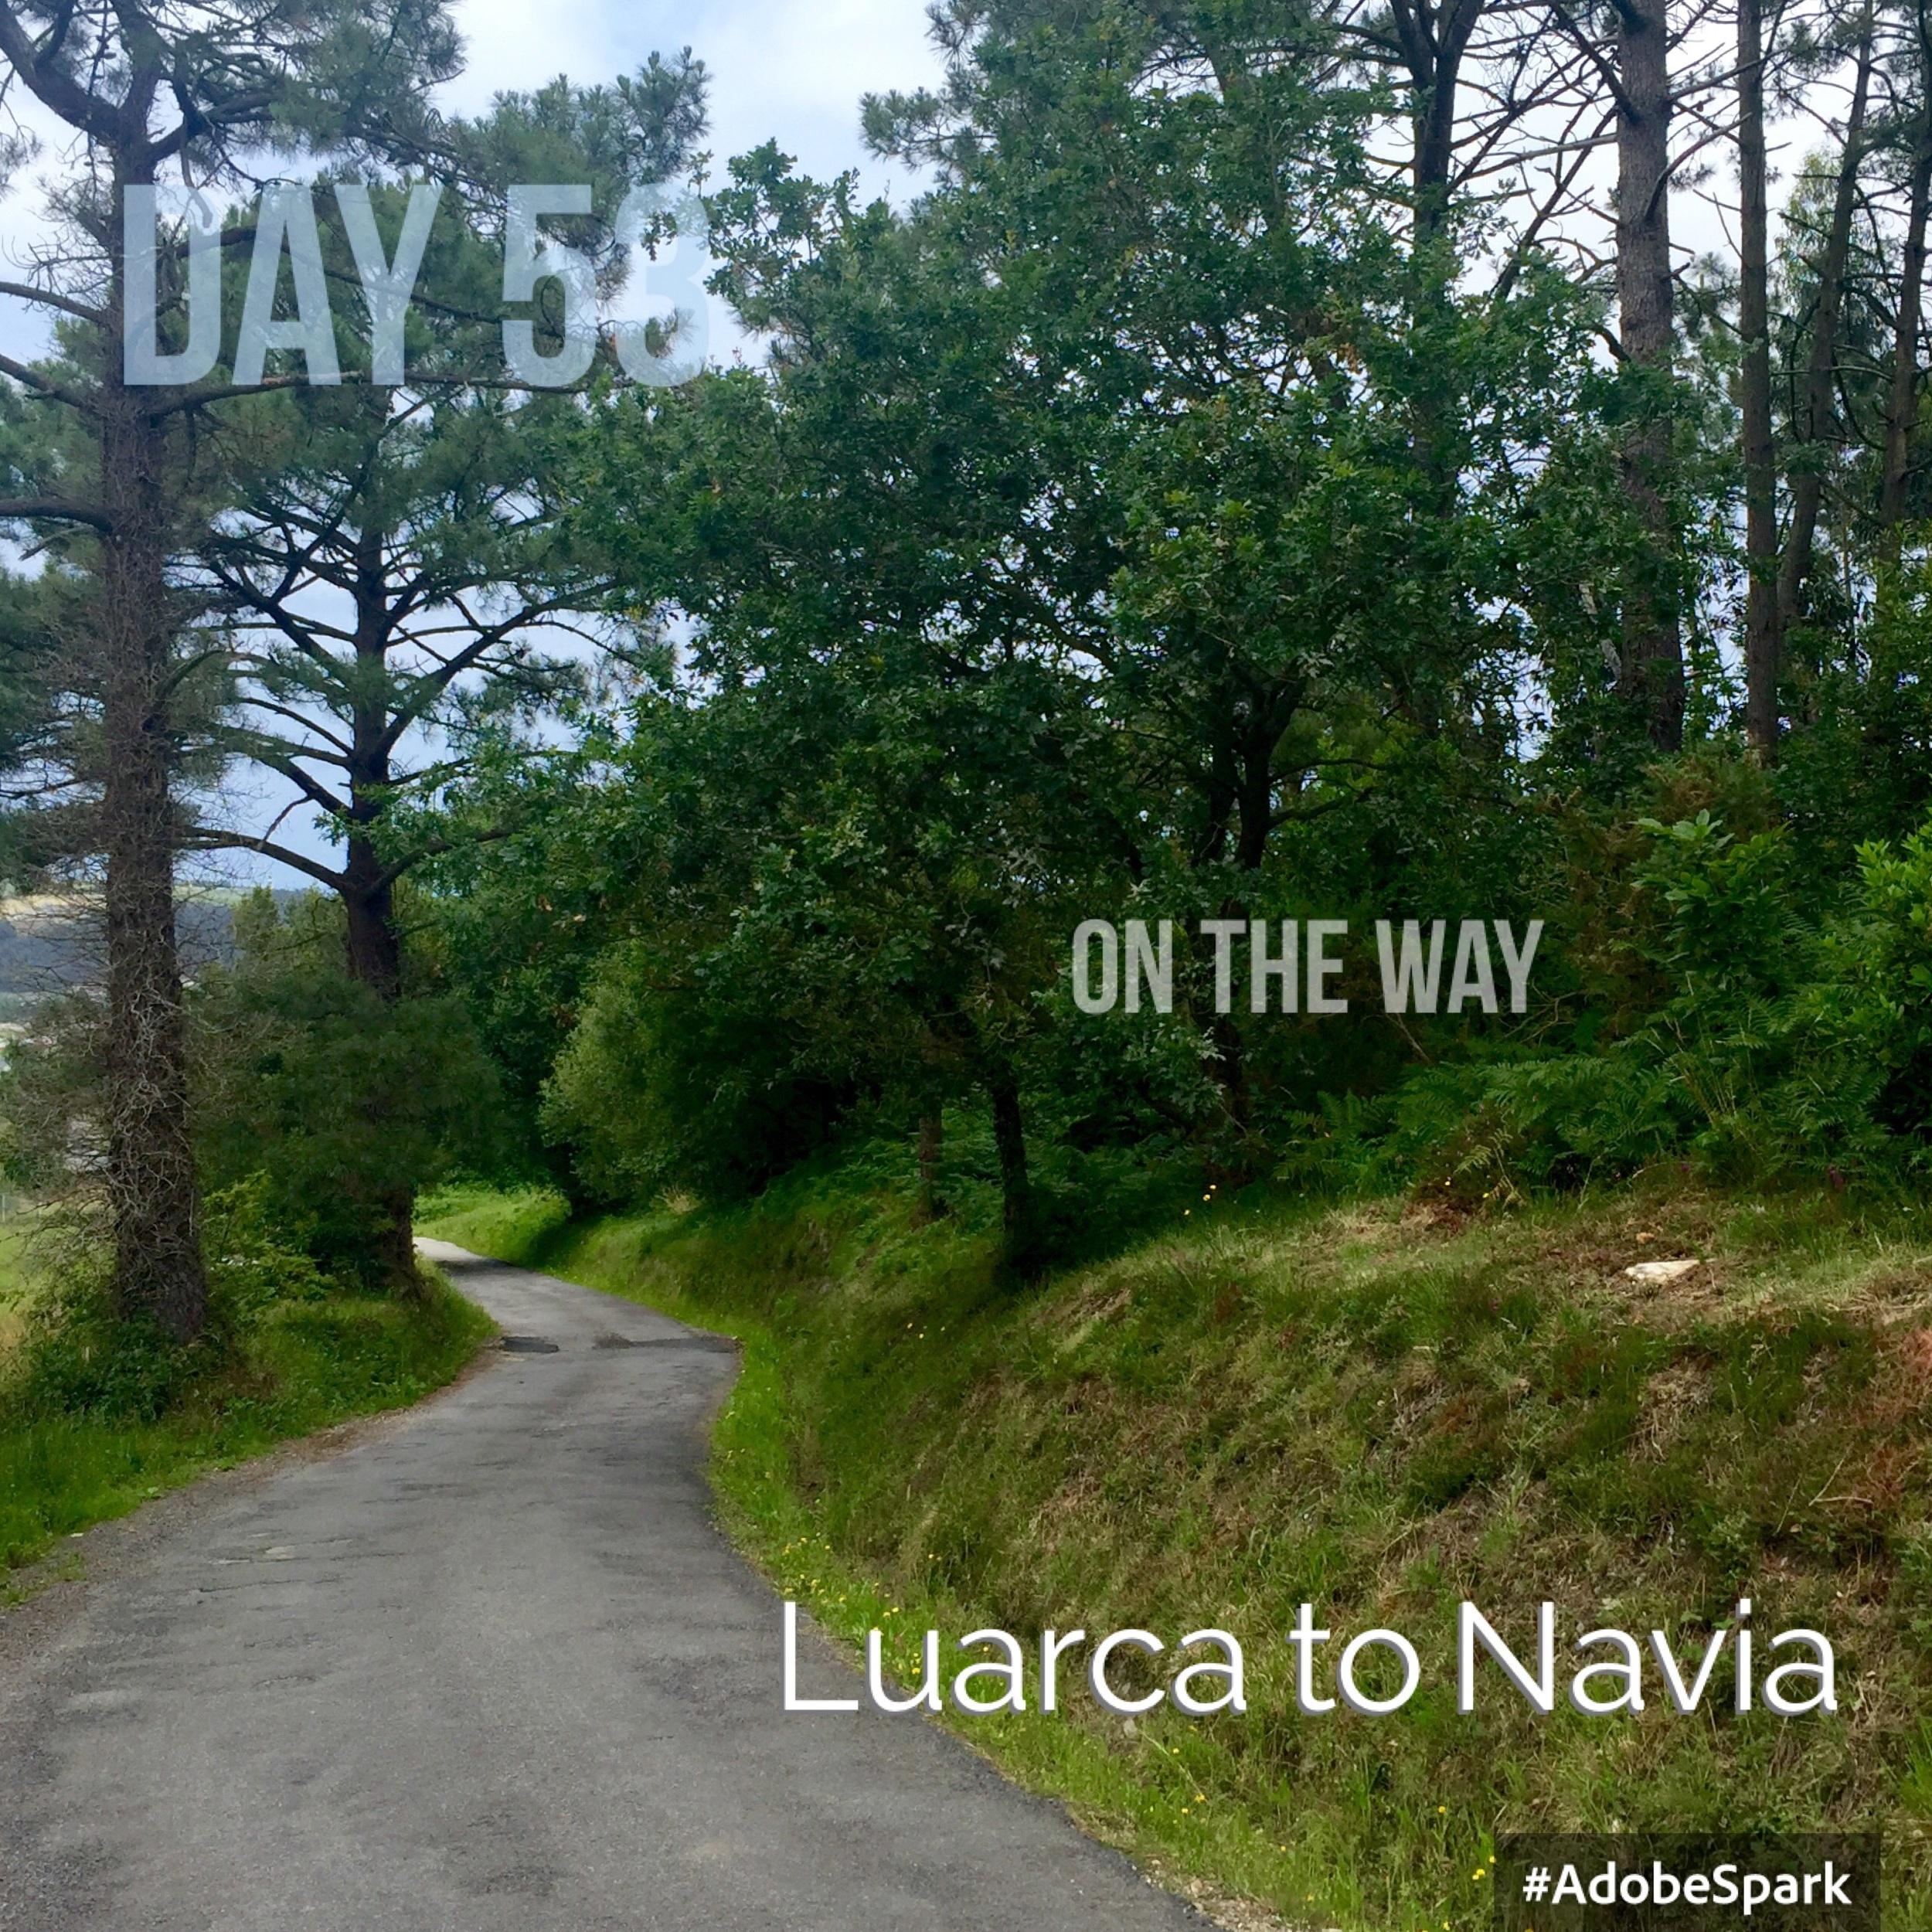 Walking down into Navia